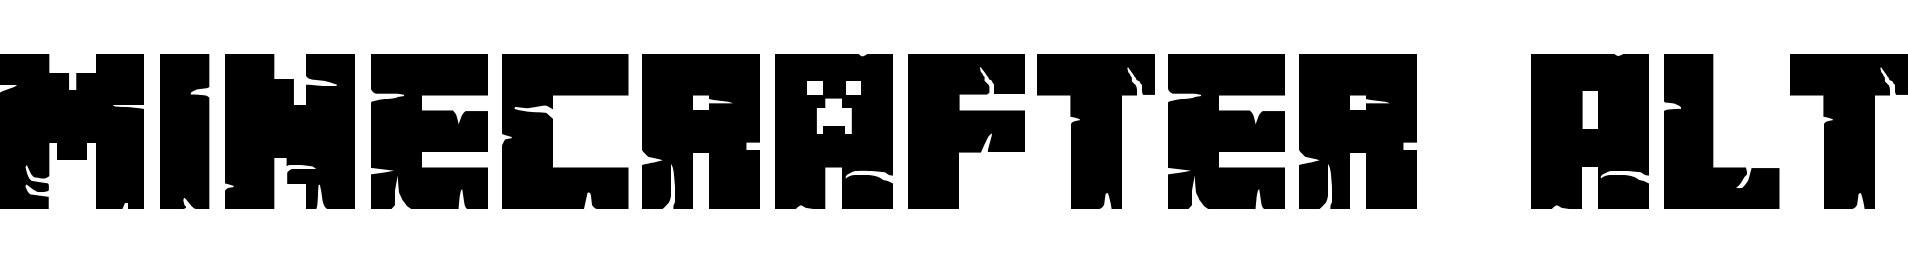 Minecrafter Alt